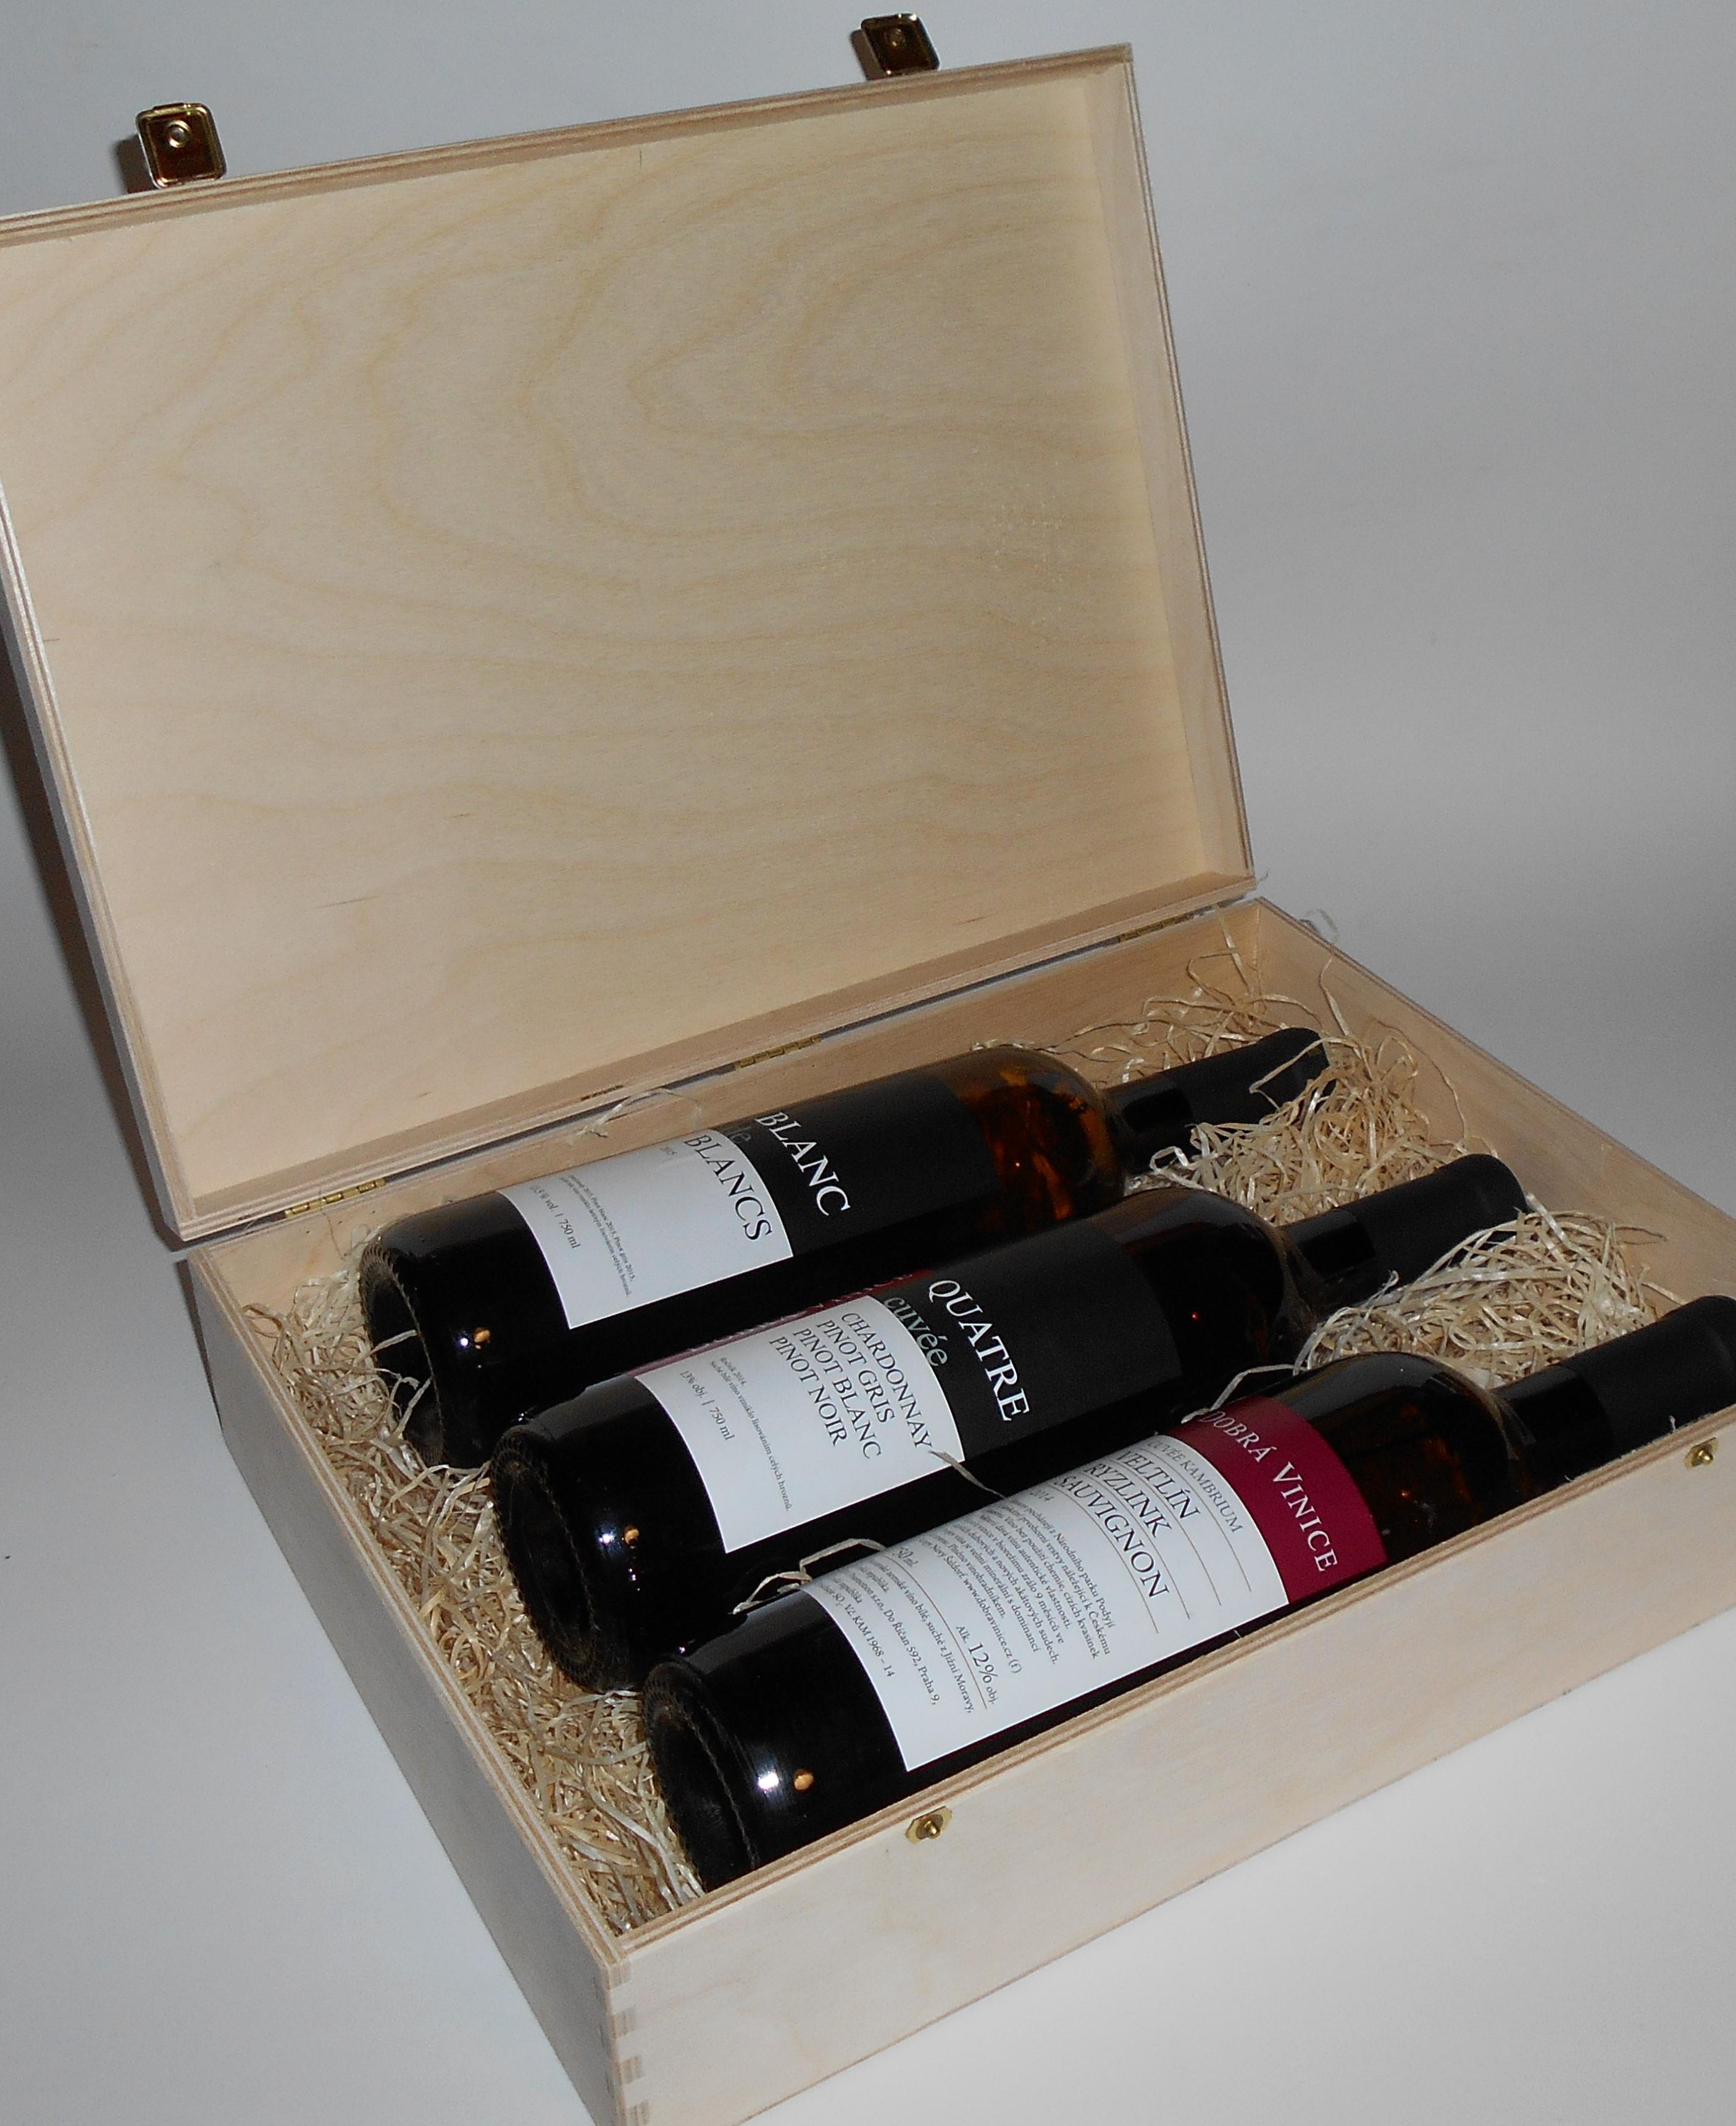 3 lahve vína z vinařství DOBRÁ VINICE v dřevěné kazetě – Blanc de Blancs 2015, Quatre cuvée 2014, Kambrium cuvée 2014